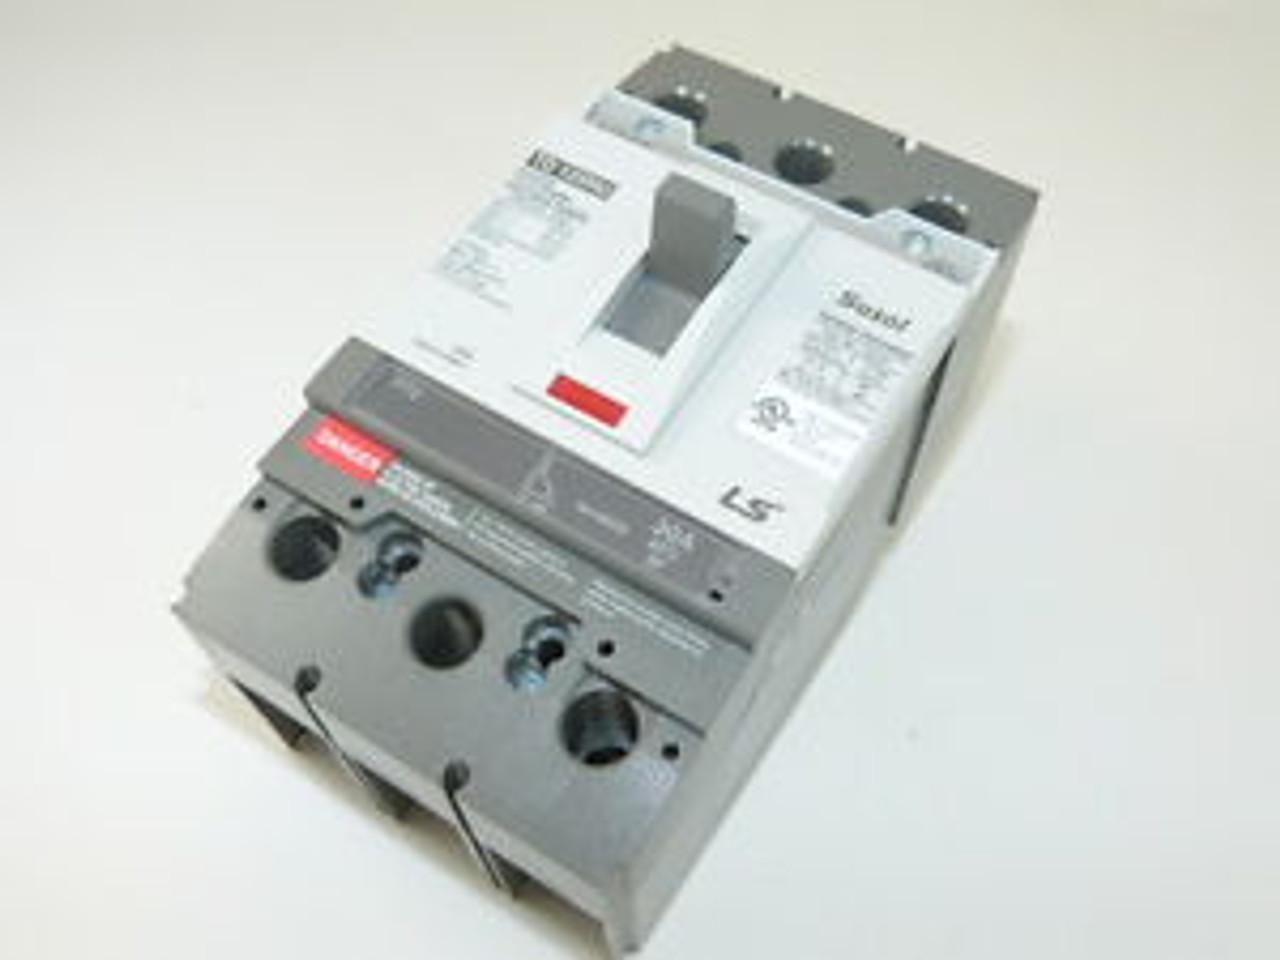 ACW125P-FTU30-3 MOLDED CASE 3 POLE SHAMROCK CIRCUIT BREAKER 30 AMPS